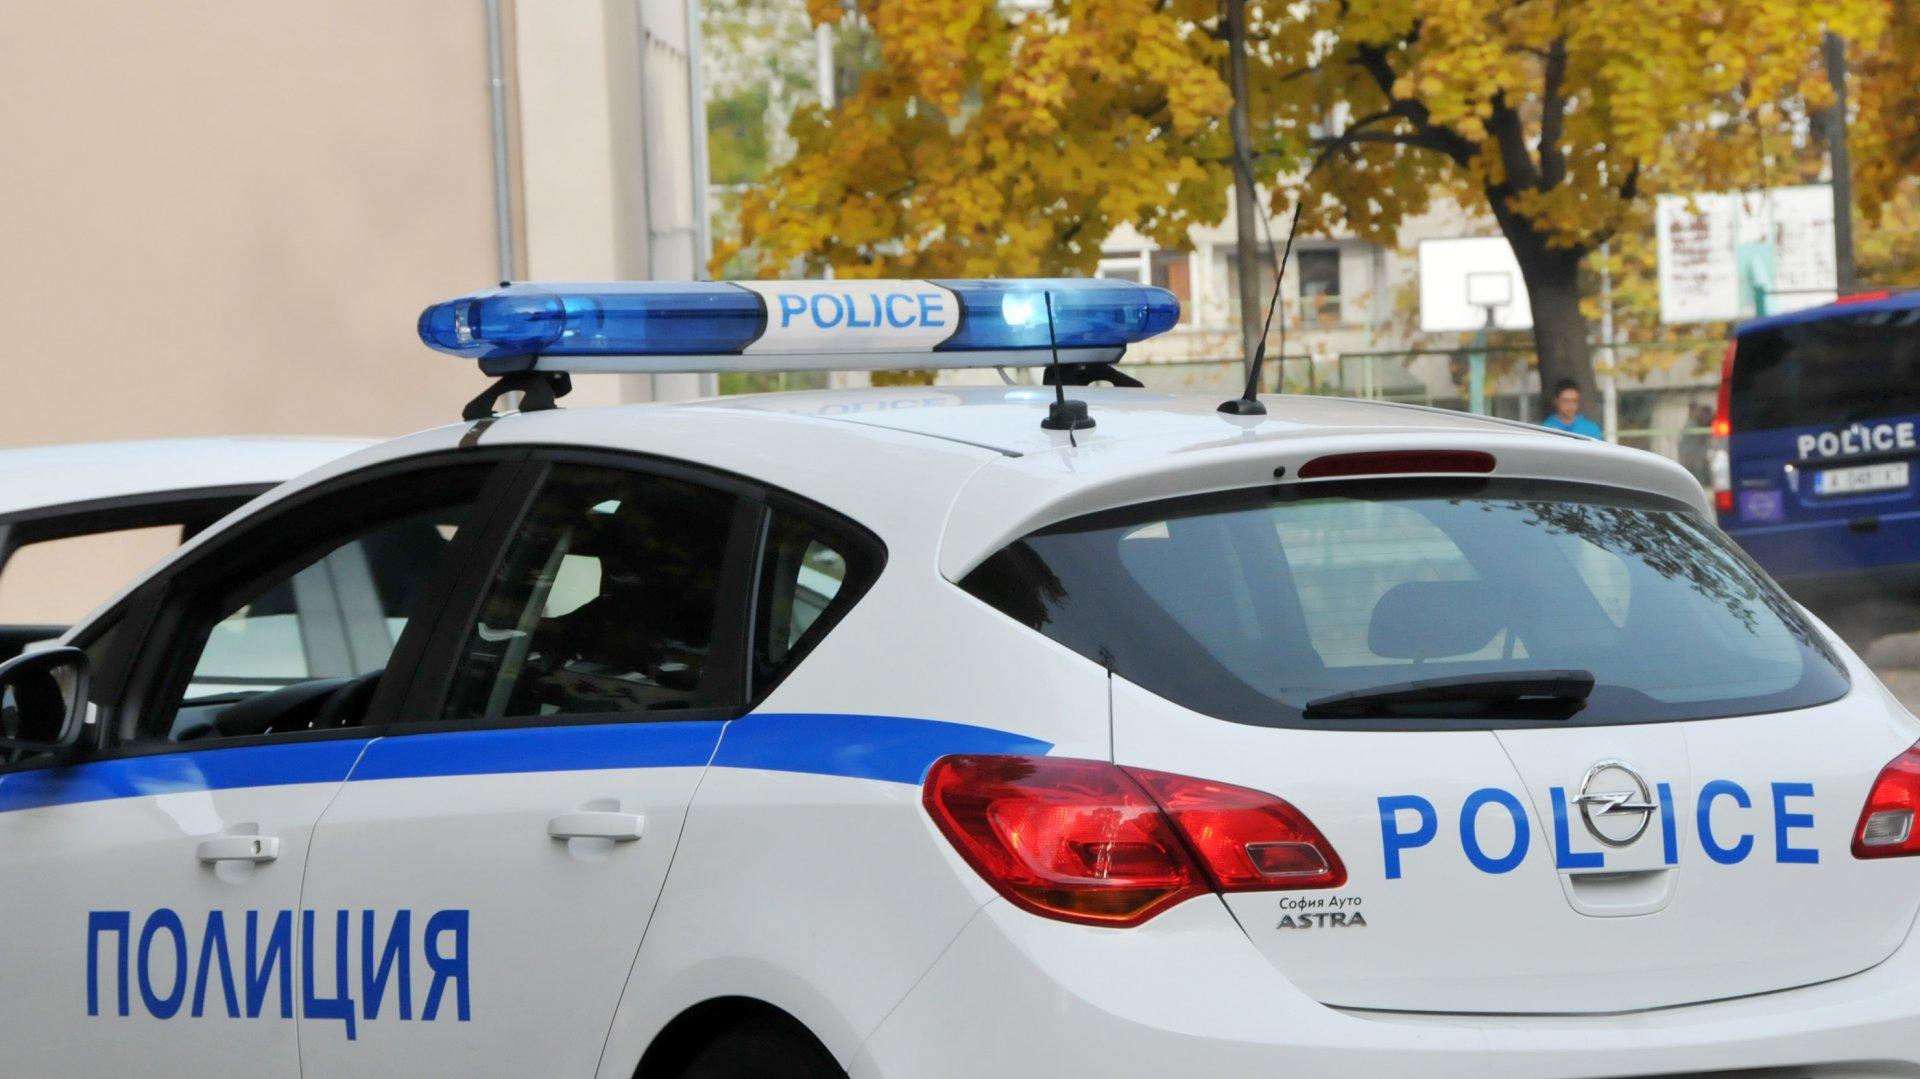 Работата по изясняване на случая продължава. Снимка Архив Черноморие-БГ